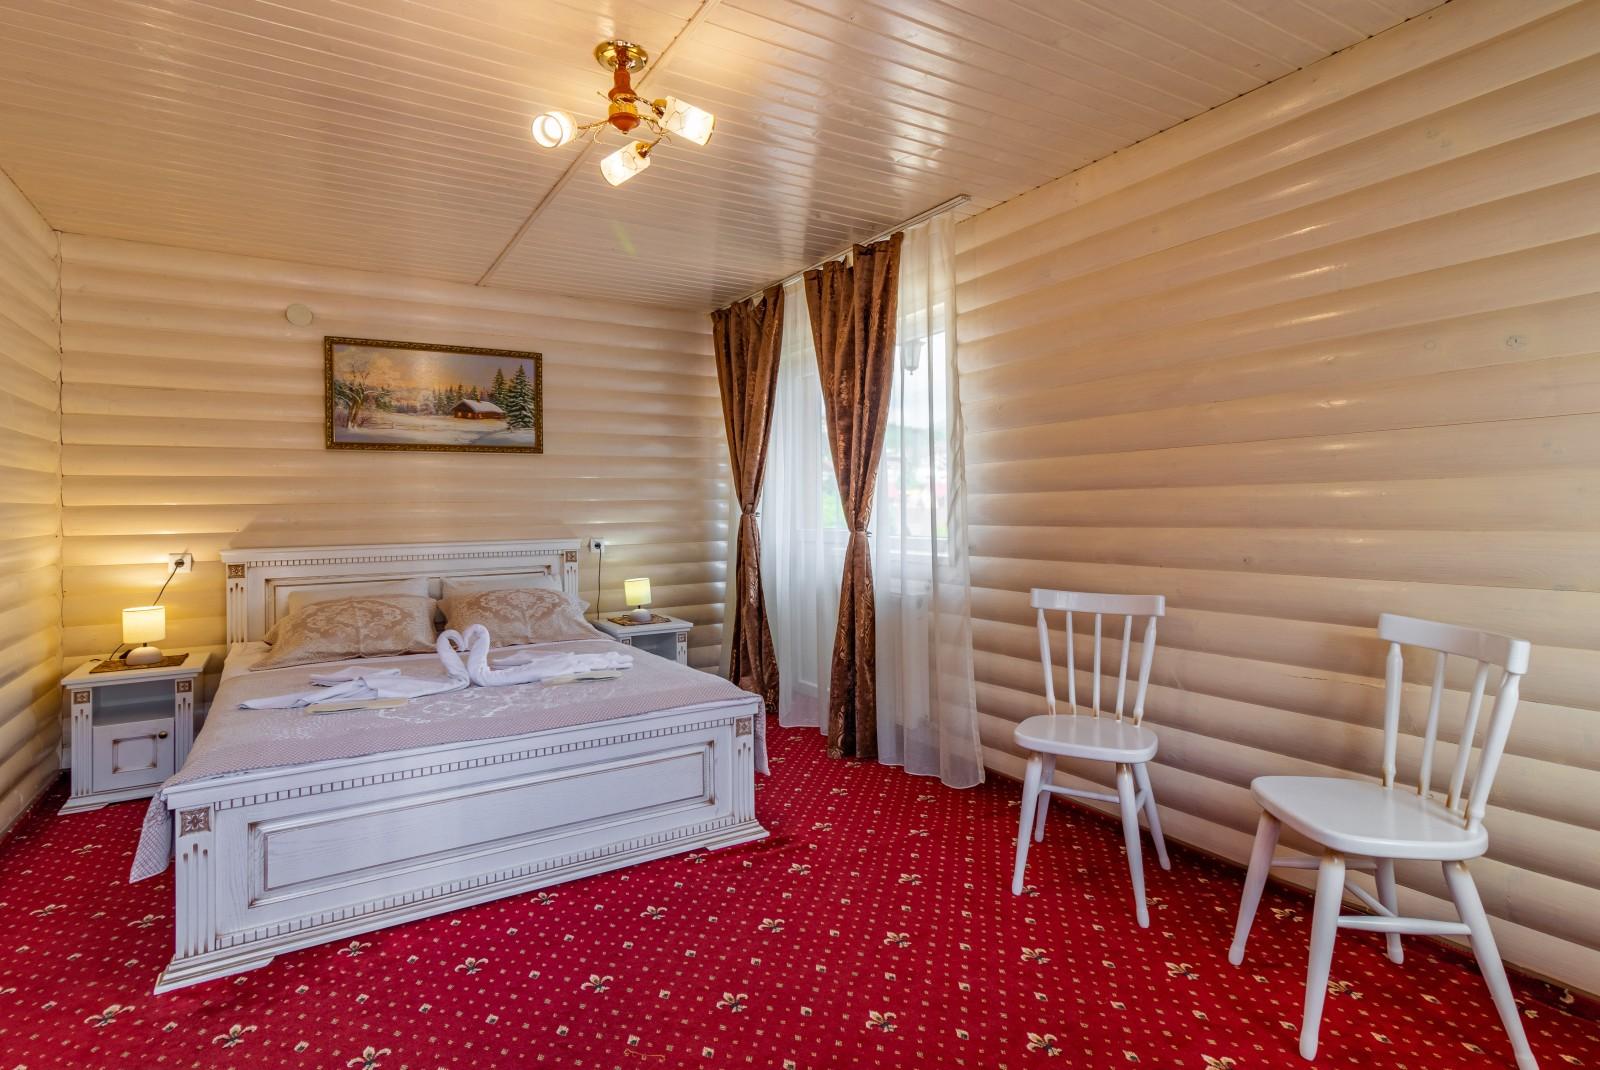 Снять суперлюкс в отеле Вилла Виктория Буковель